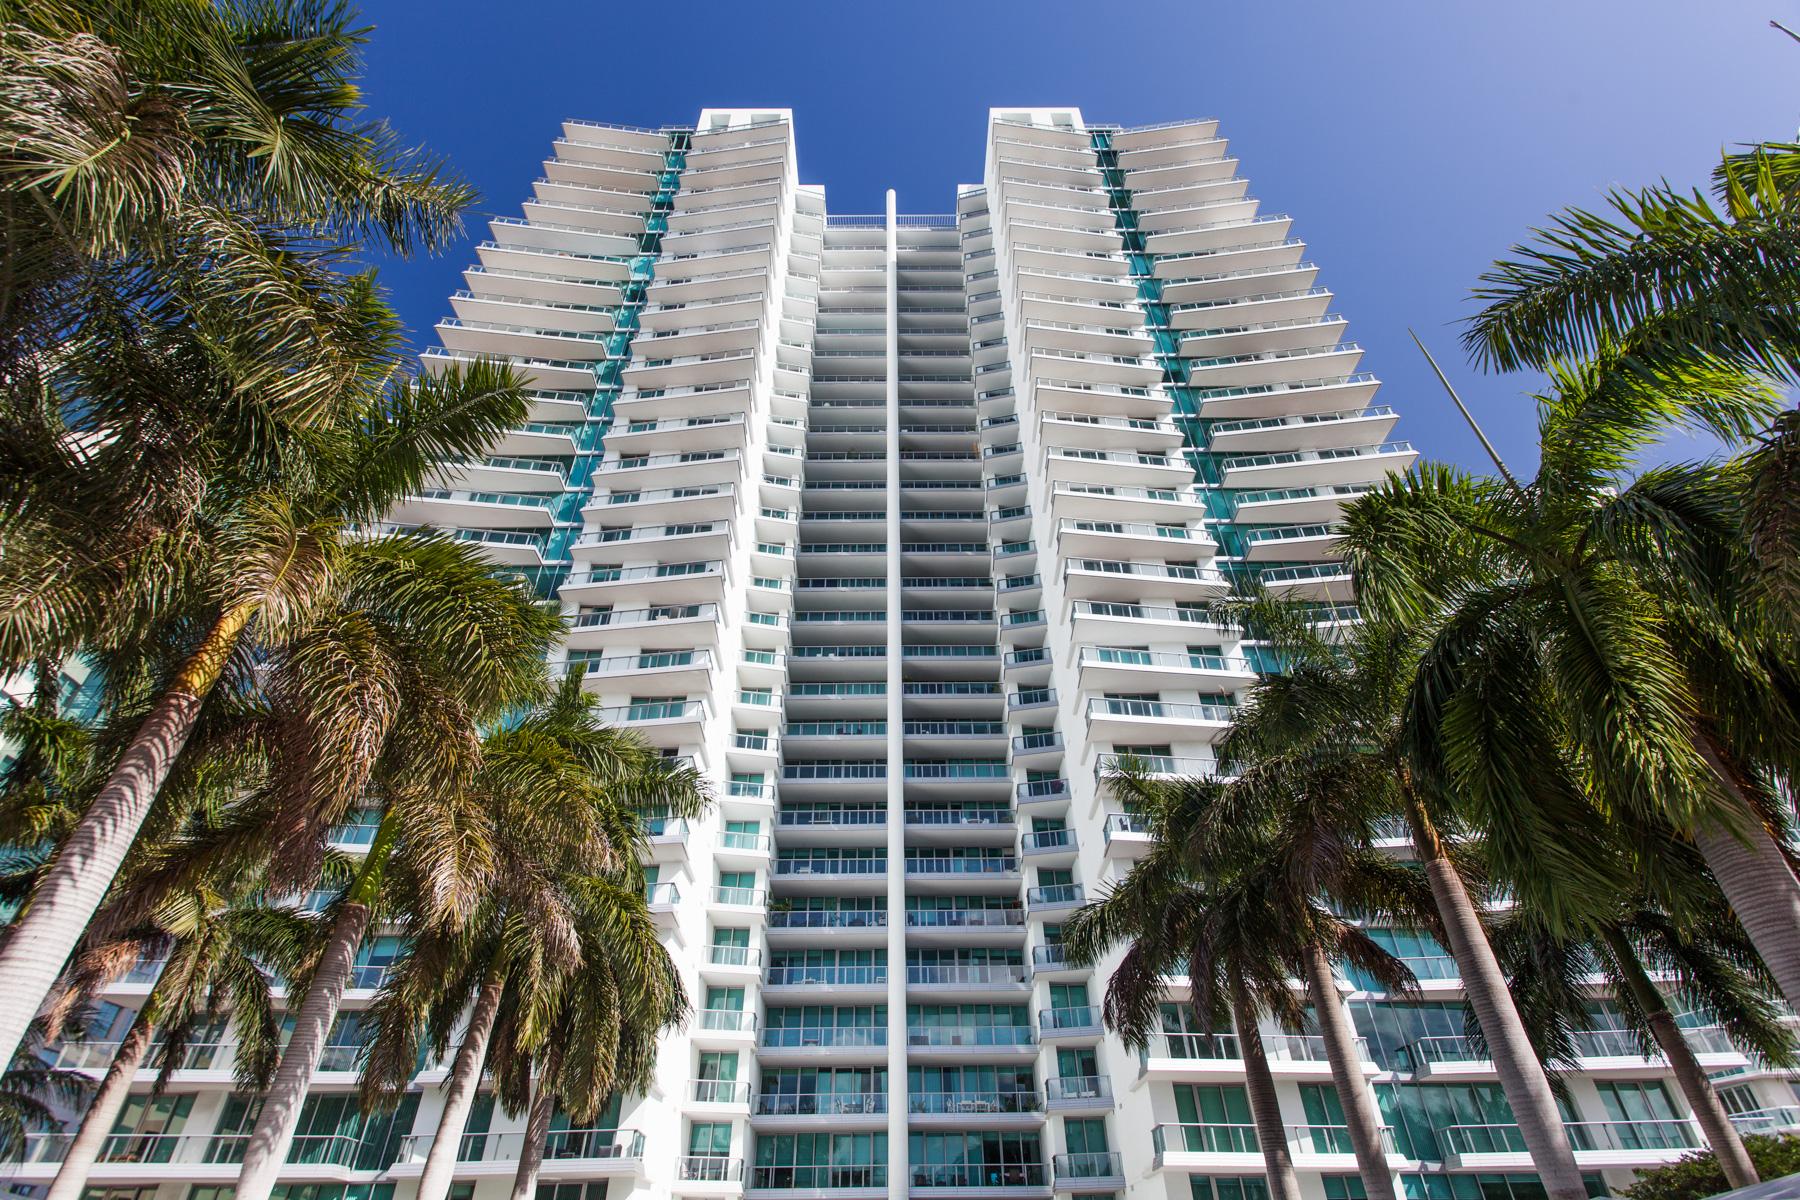 Condominium for Sale at 2627 S Bayshore Dr #3002 2627 S Bayshore Dr 3002 Miami, Florida, 33133 United States